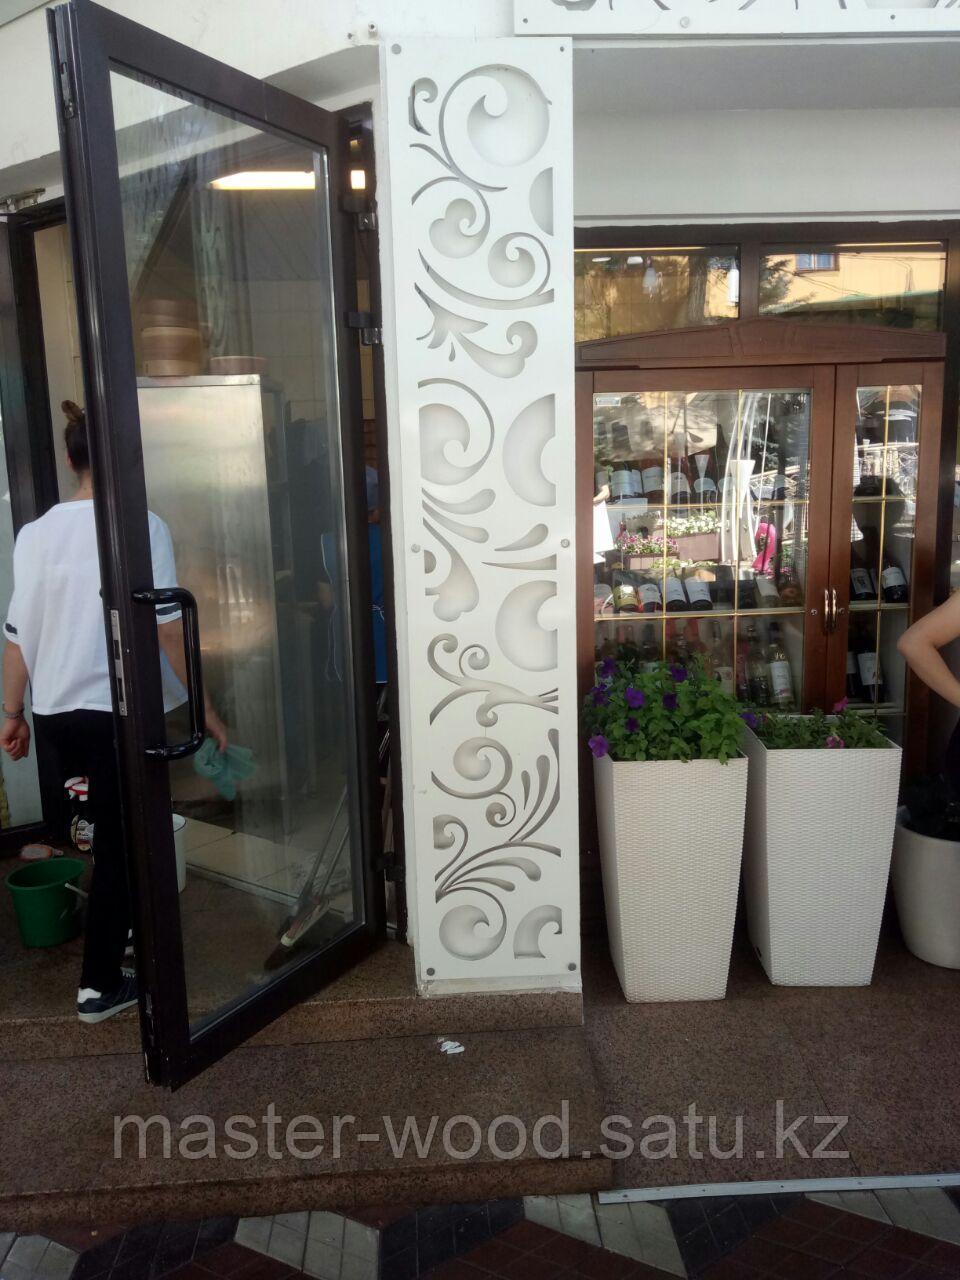 Ремонт и отделка ресторанов, кафе, баров, бань, домов, квартир - фото 9